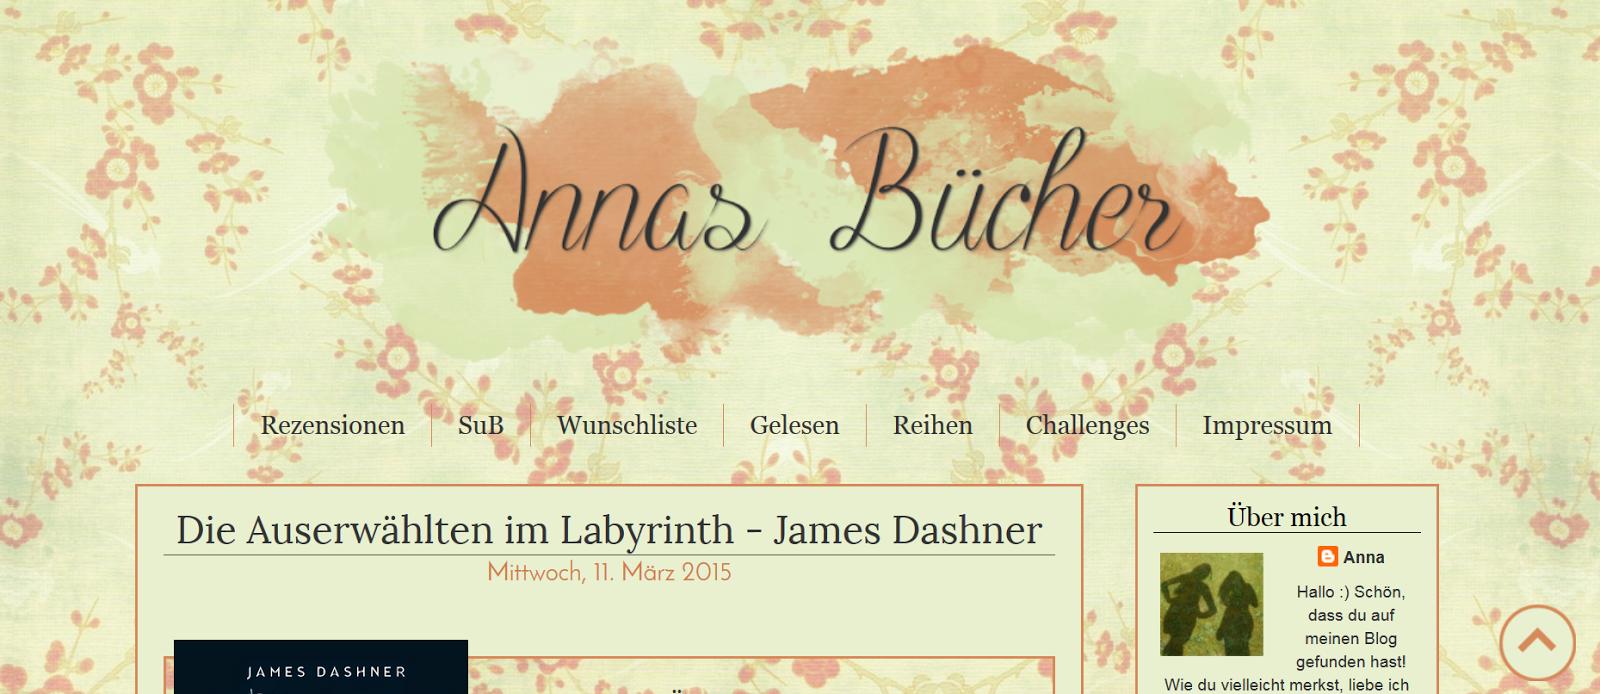 http://anna-buecher.blogspot.de/